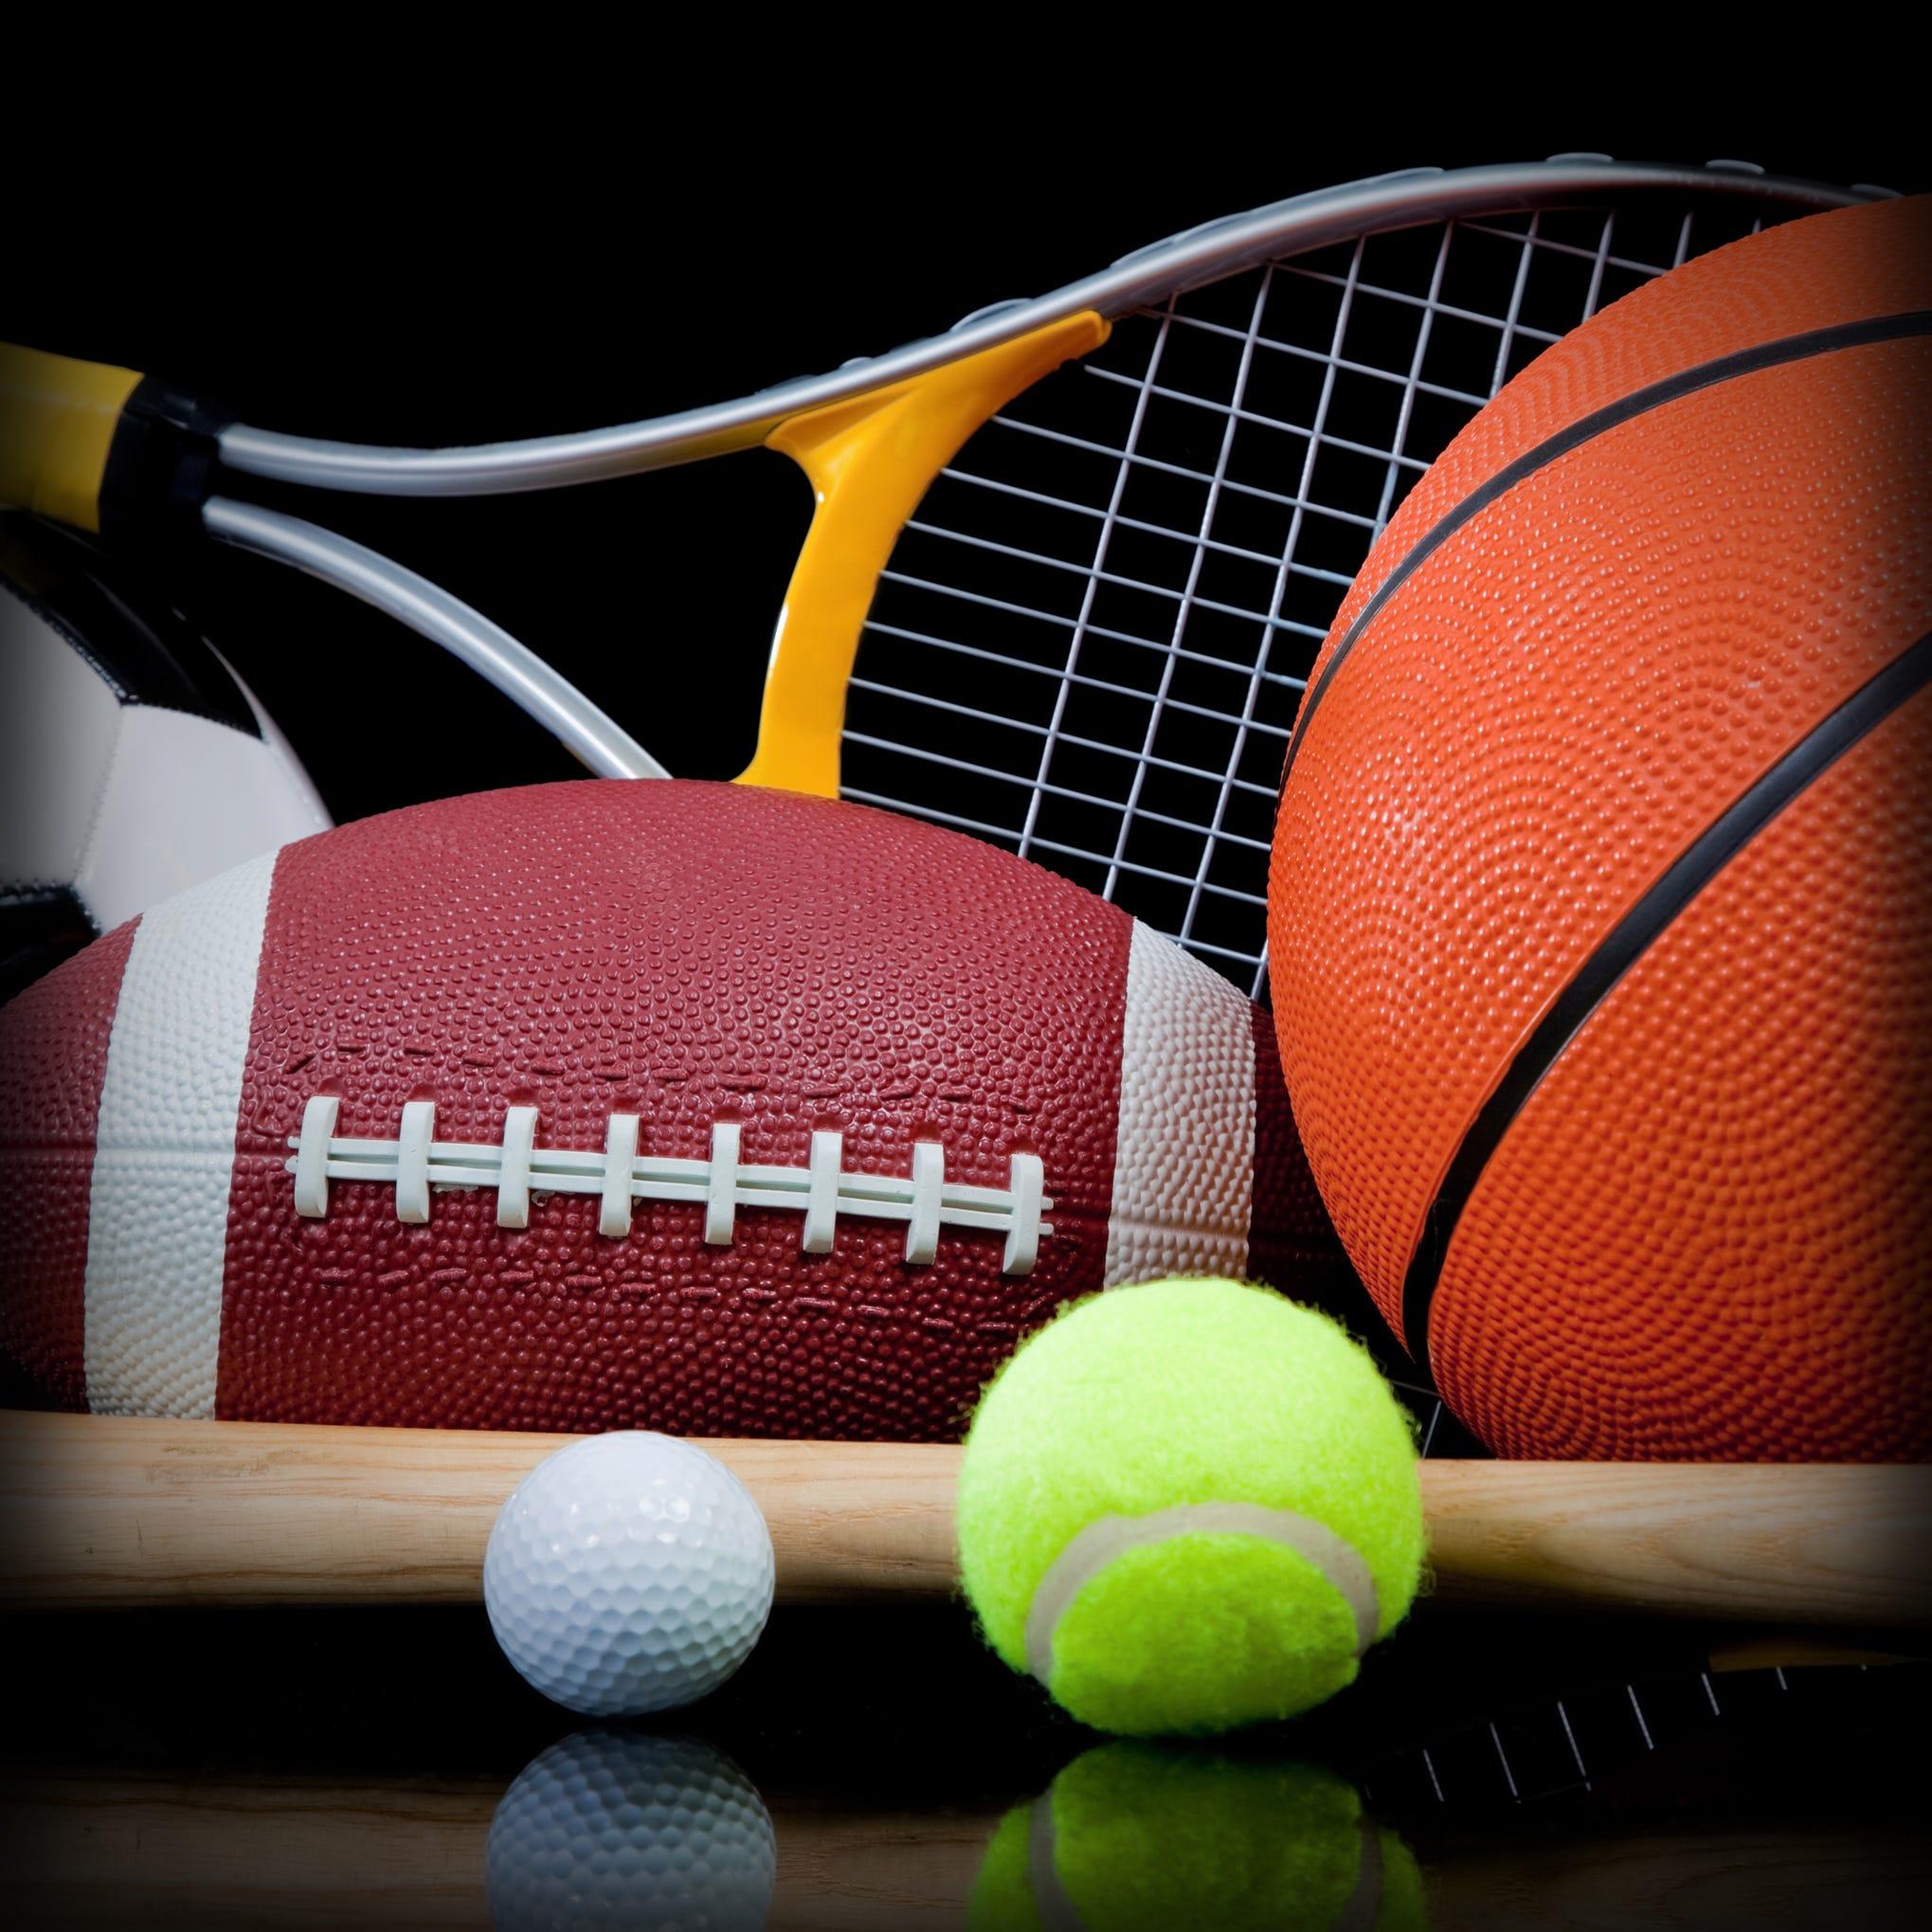 HS Roundup: Fairfield Union upsets No. 3 seed Hillsboro